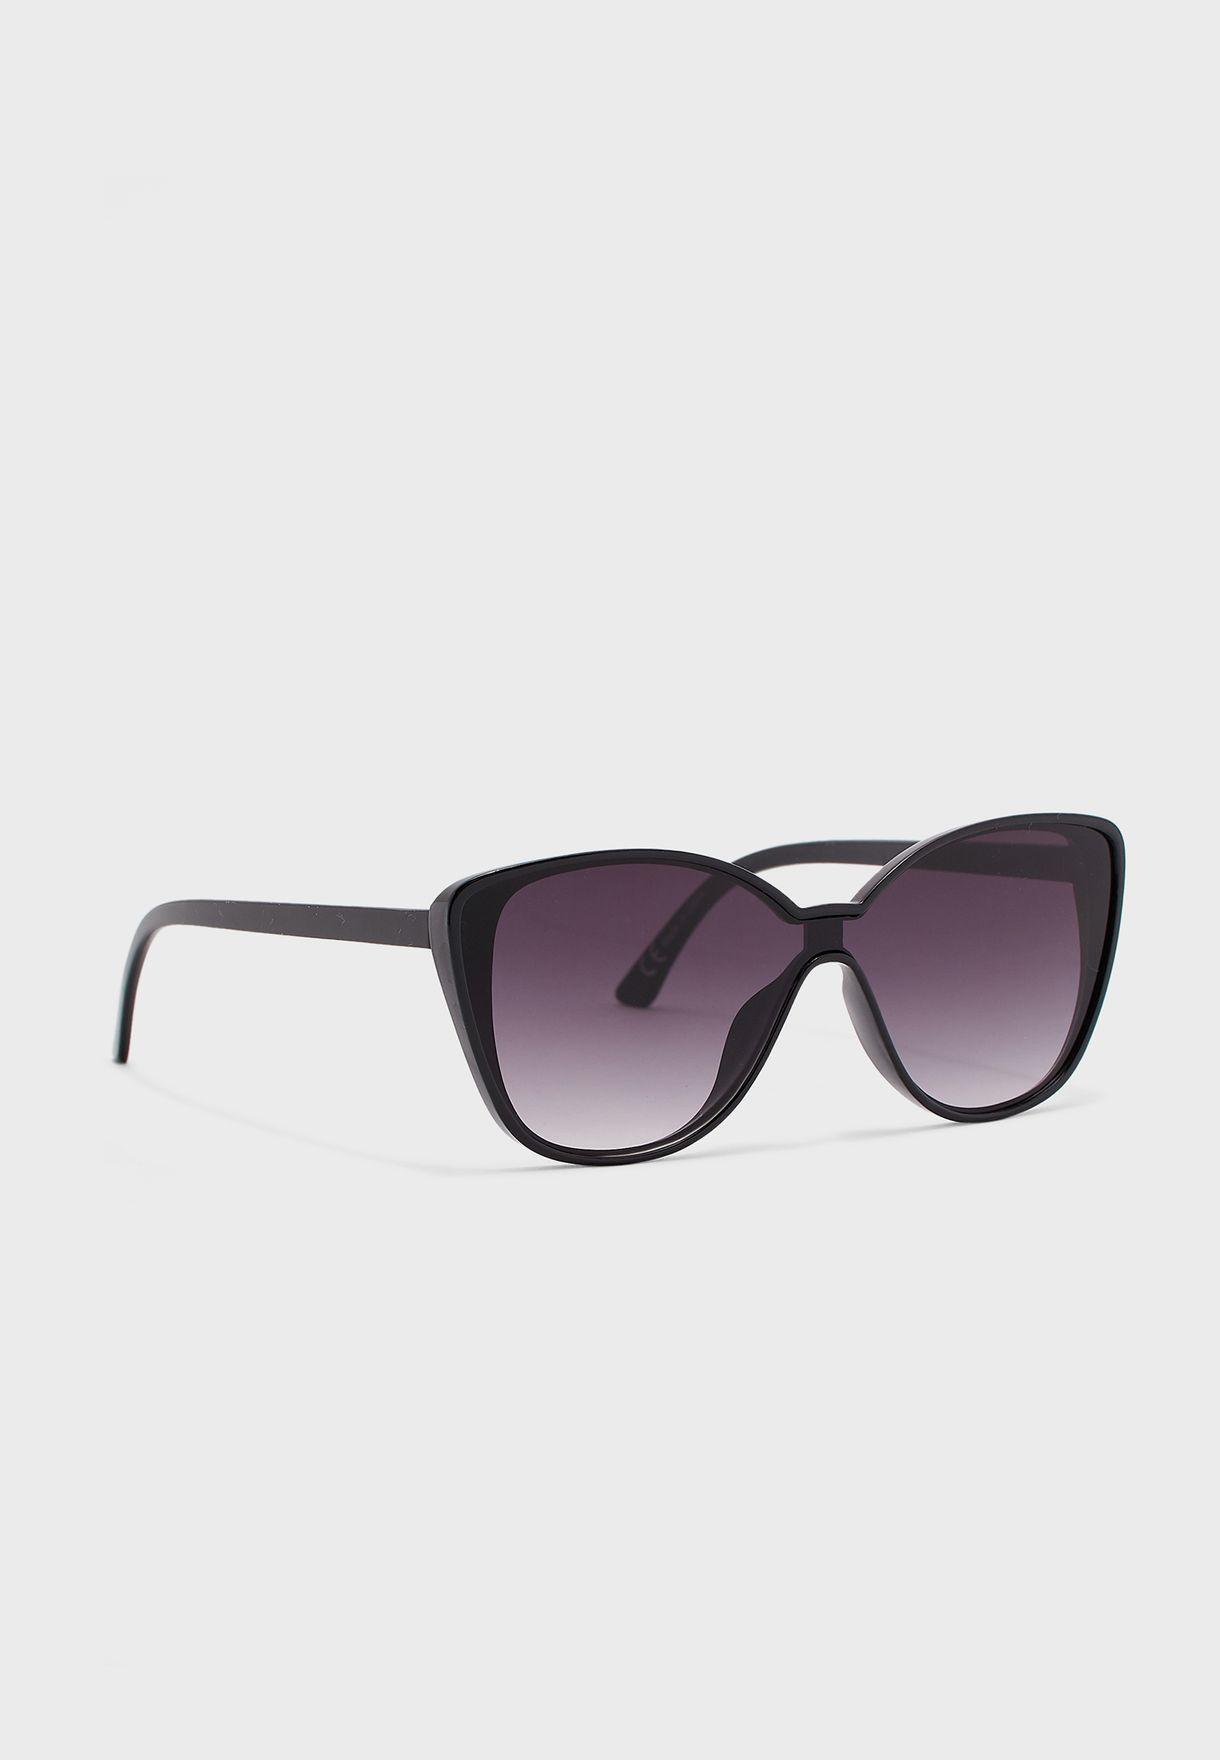 نظارات شسمية عصرية